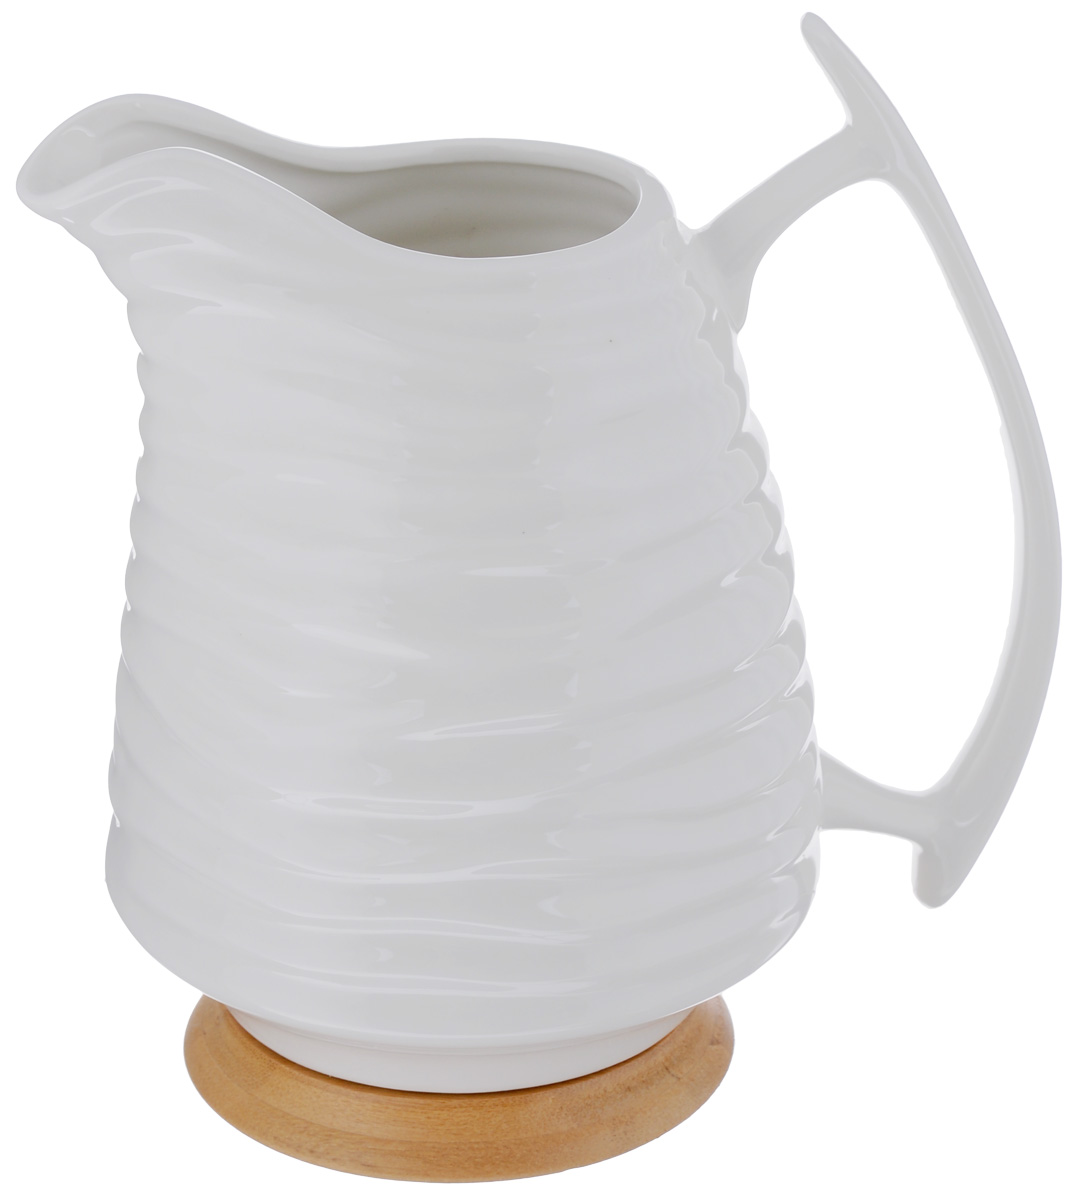 Кувшин Elan Gallery Айсберг, на подставке, 1,7 л540076Кувшин Elan Gallery Айсберг, выполненный из высококачественной керамики, оснащен эргономичной ручкой. Деревянная подставка предотвратит повреждение поверхности стола. Внешние стенки изделия декорированы рельефным рисунком. В таком кувшине будет удобно хранить и подавать на стол молоко, соки или воду.Кувшин Elan Gallery Айсберг украсит любой кухонный интерьер и станет хорошим подарком для ваших близких. Размер (по верхнему краю): 12 х 7,5 см. Высота (с учетом подставки): 22 см.